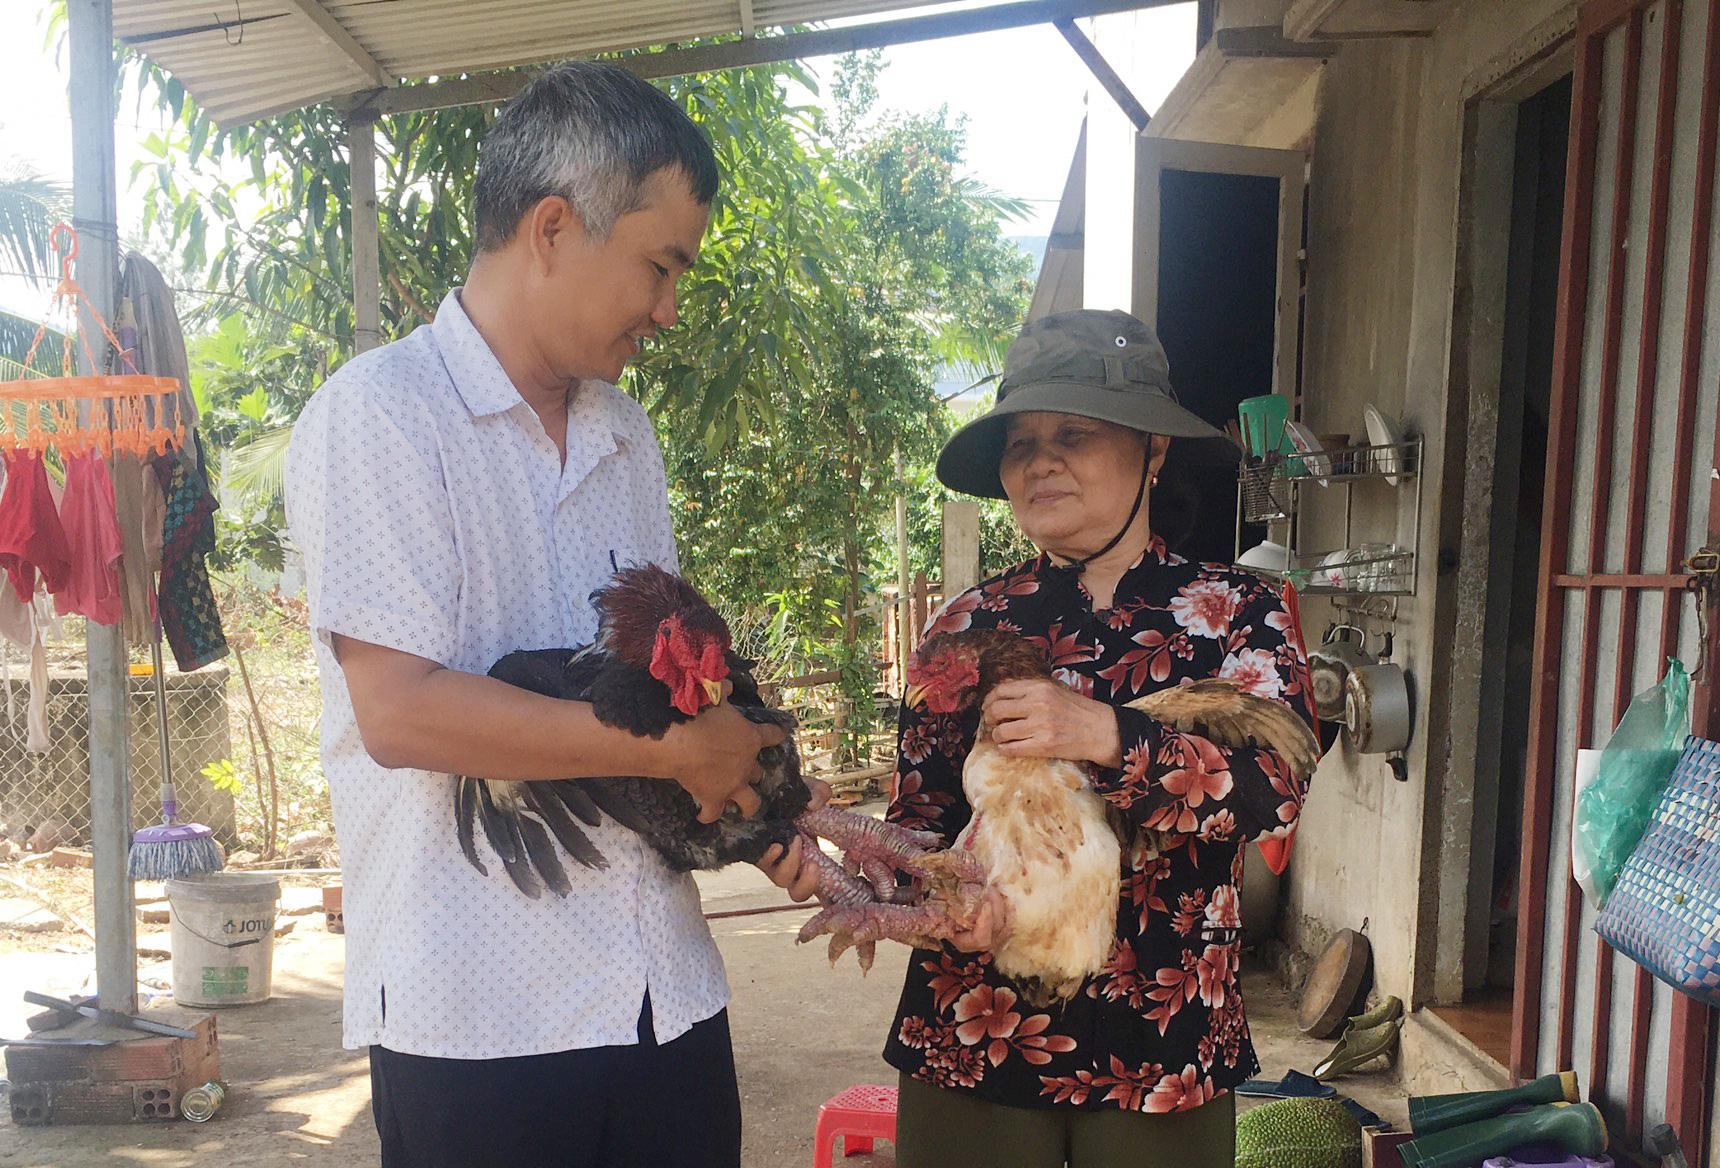 Bà Rịa-Vũng Tàu: Nuôi heo rừng, nuôi gà Đông Tảo bán đắt hàng dịp Tết, gà chân rồng có con bán tới 10 triệu đồng - Ảnh 1.